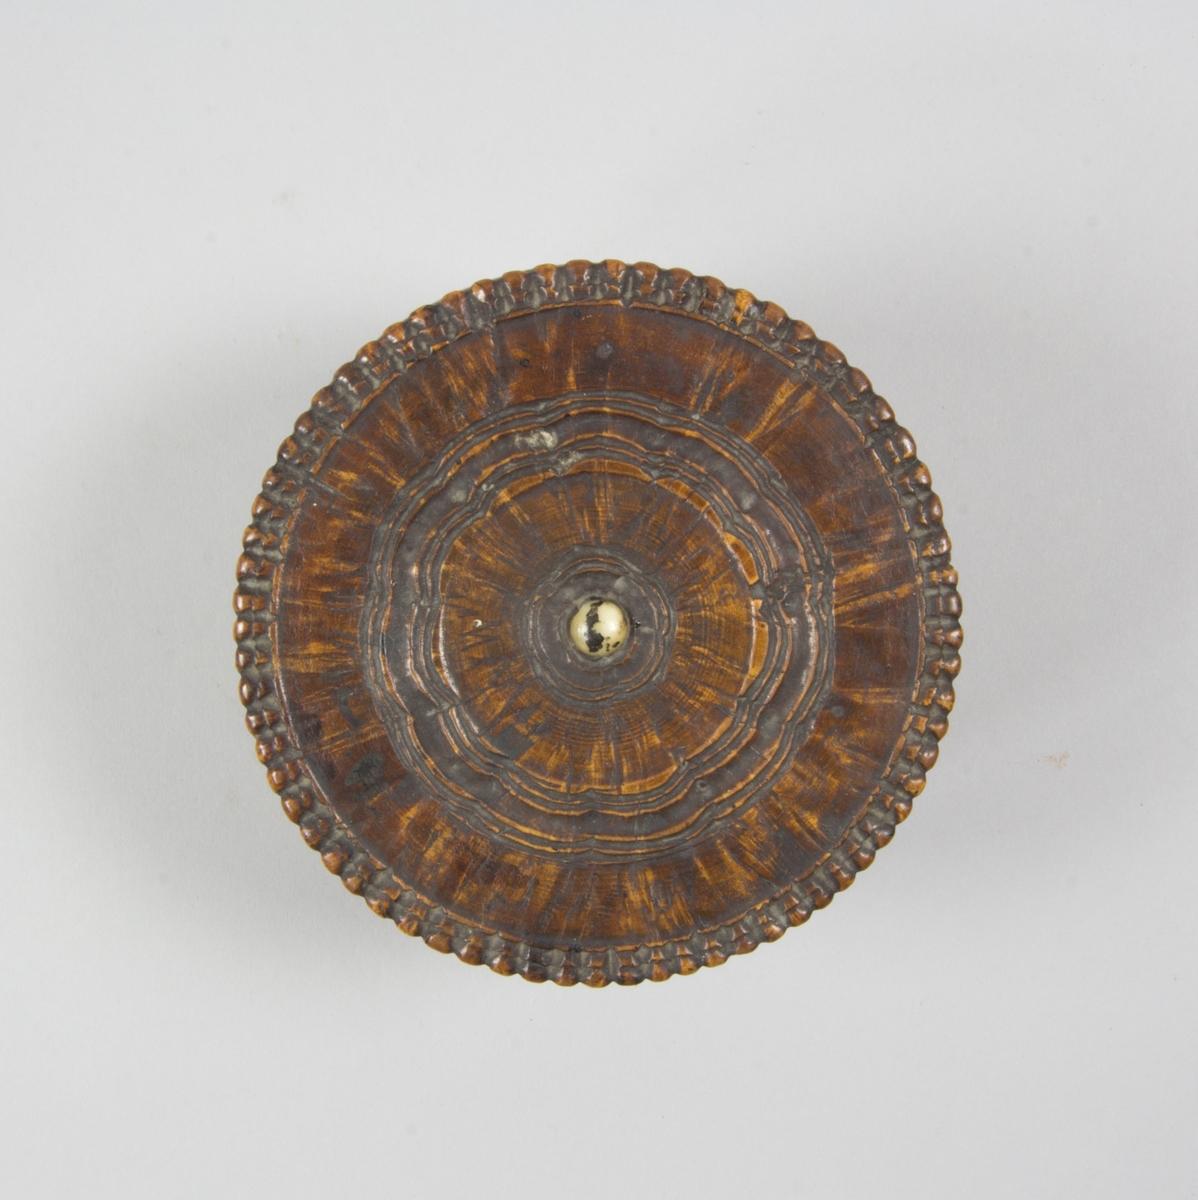 Svarvad rund ask av trä med löst utanpåliggande lock. På locket en lockknopp av ben. Skuren dekor runt lockknoppen och pärlstavsliknande dekor runt kanterna. I asken rester av röd plastelina samt bläck.